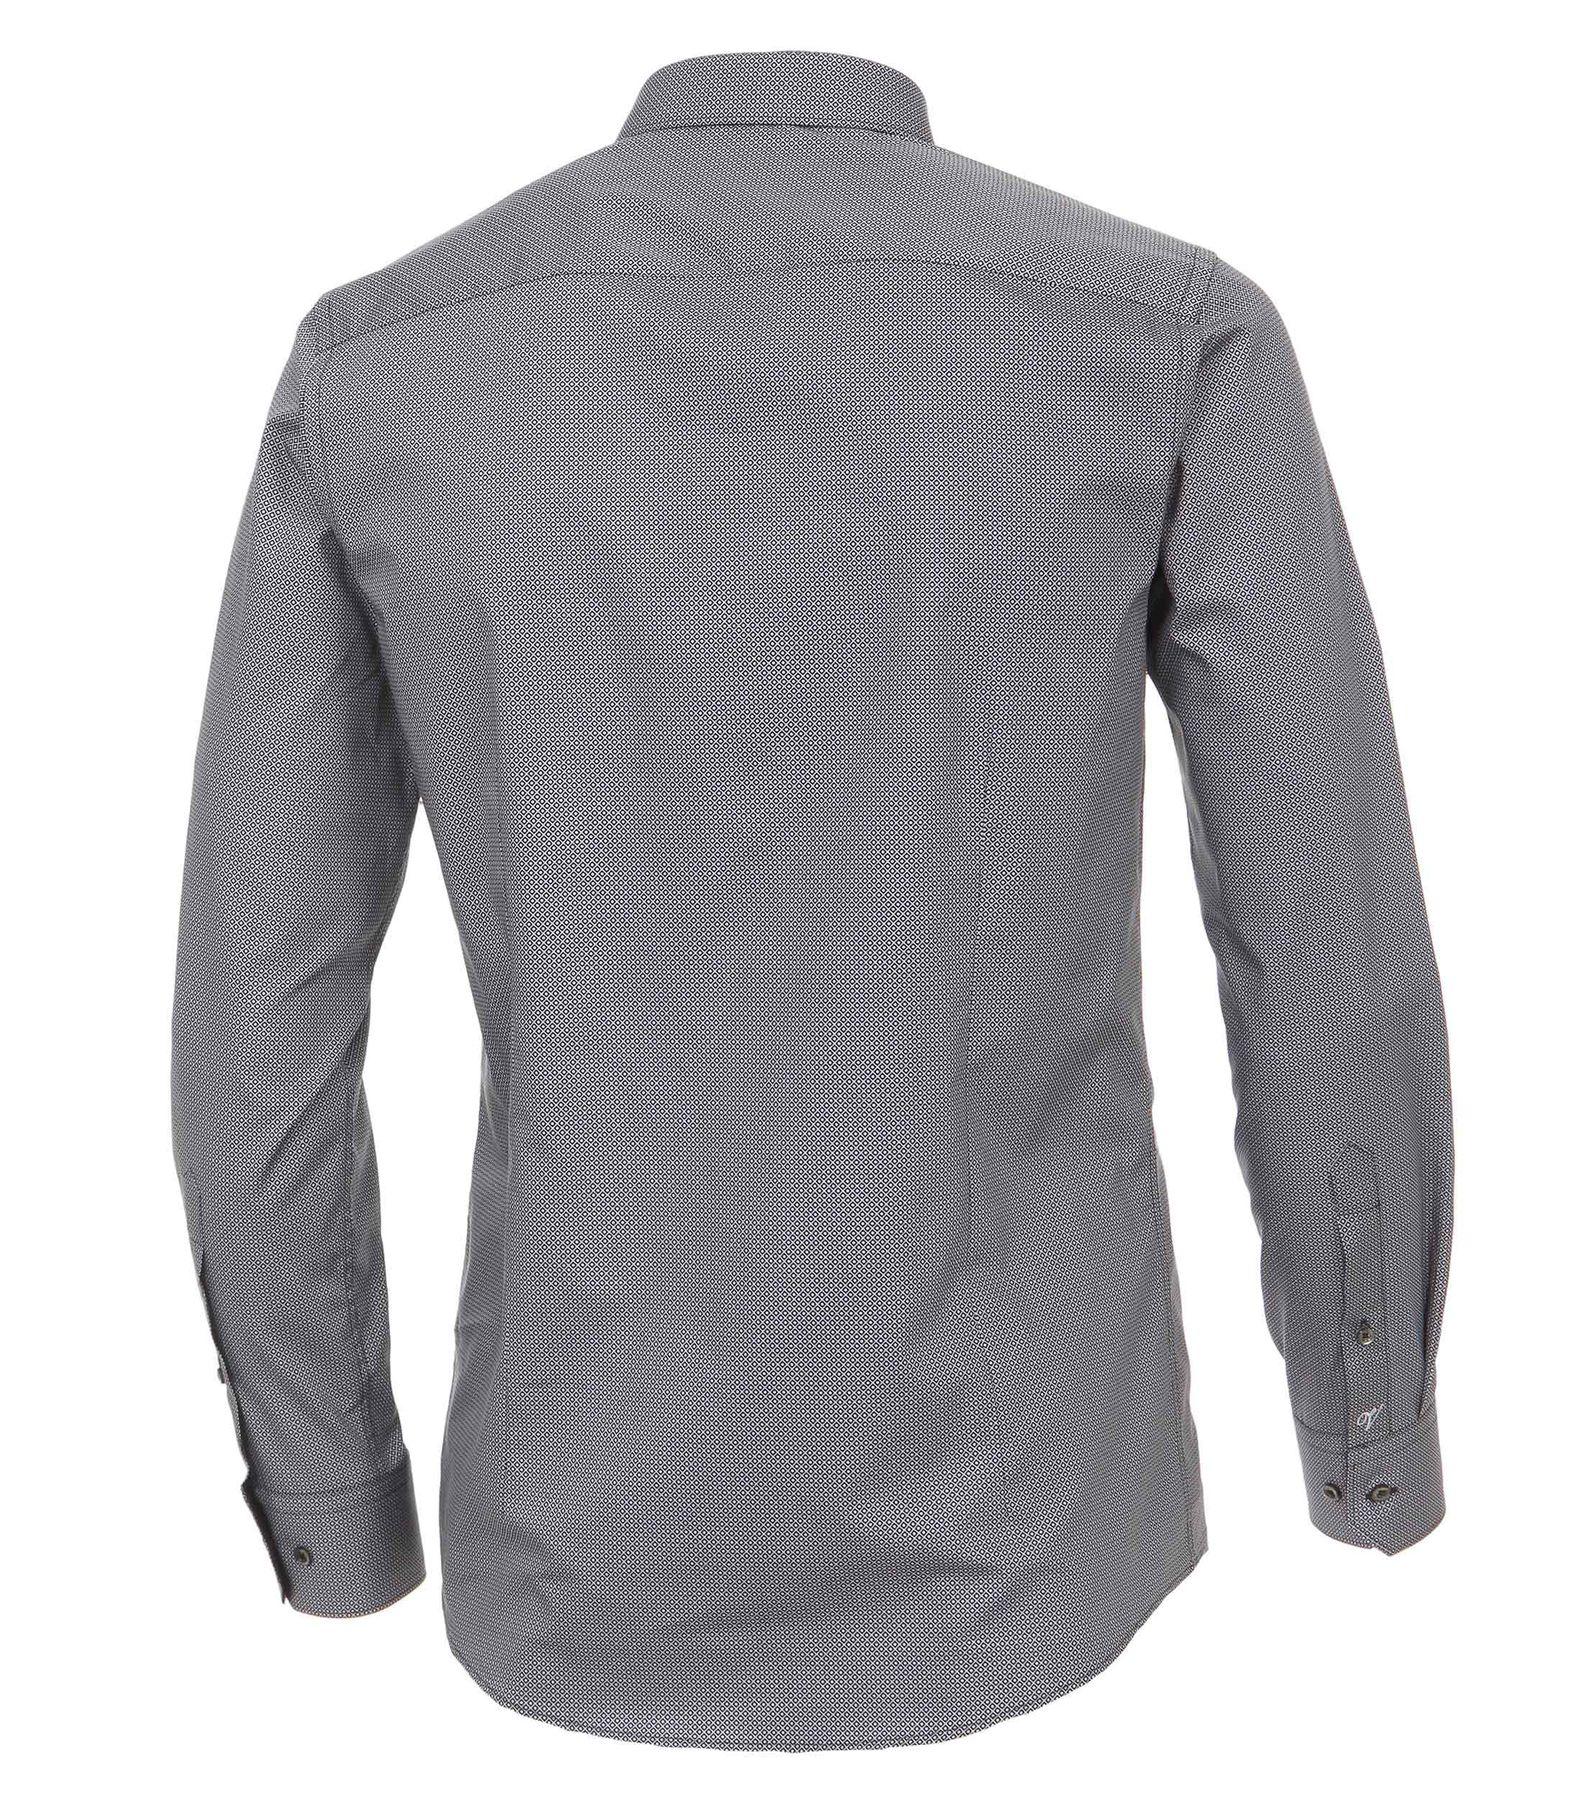 Venti - Slim Fit - Herren Hemd mit modischem Aufdruck aus 100% Baumwolle mit Kent Kragen (1162568100) – Bild 10